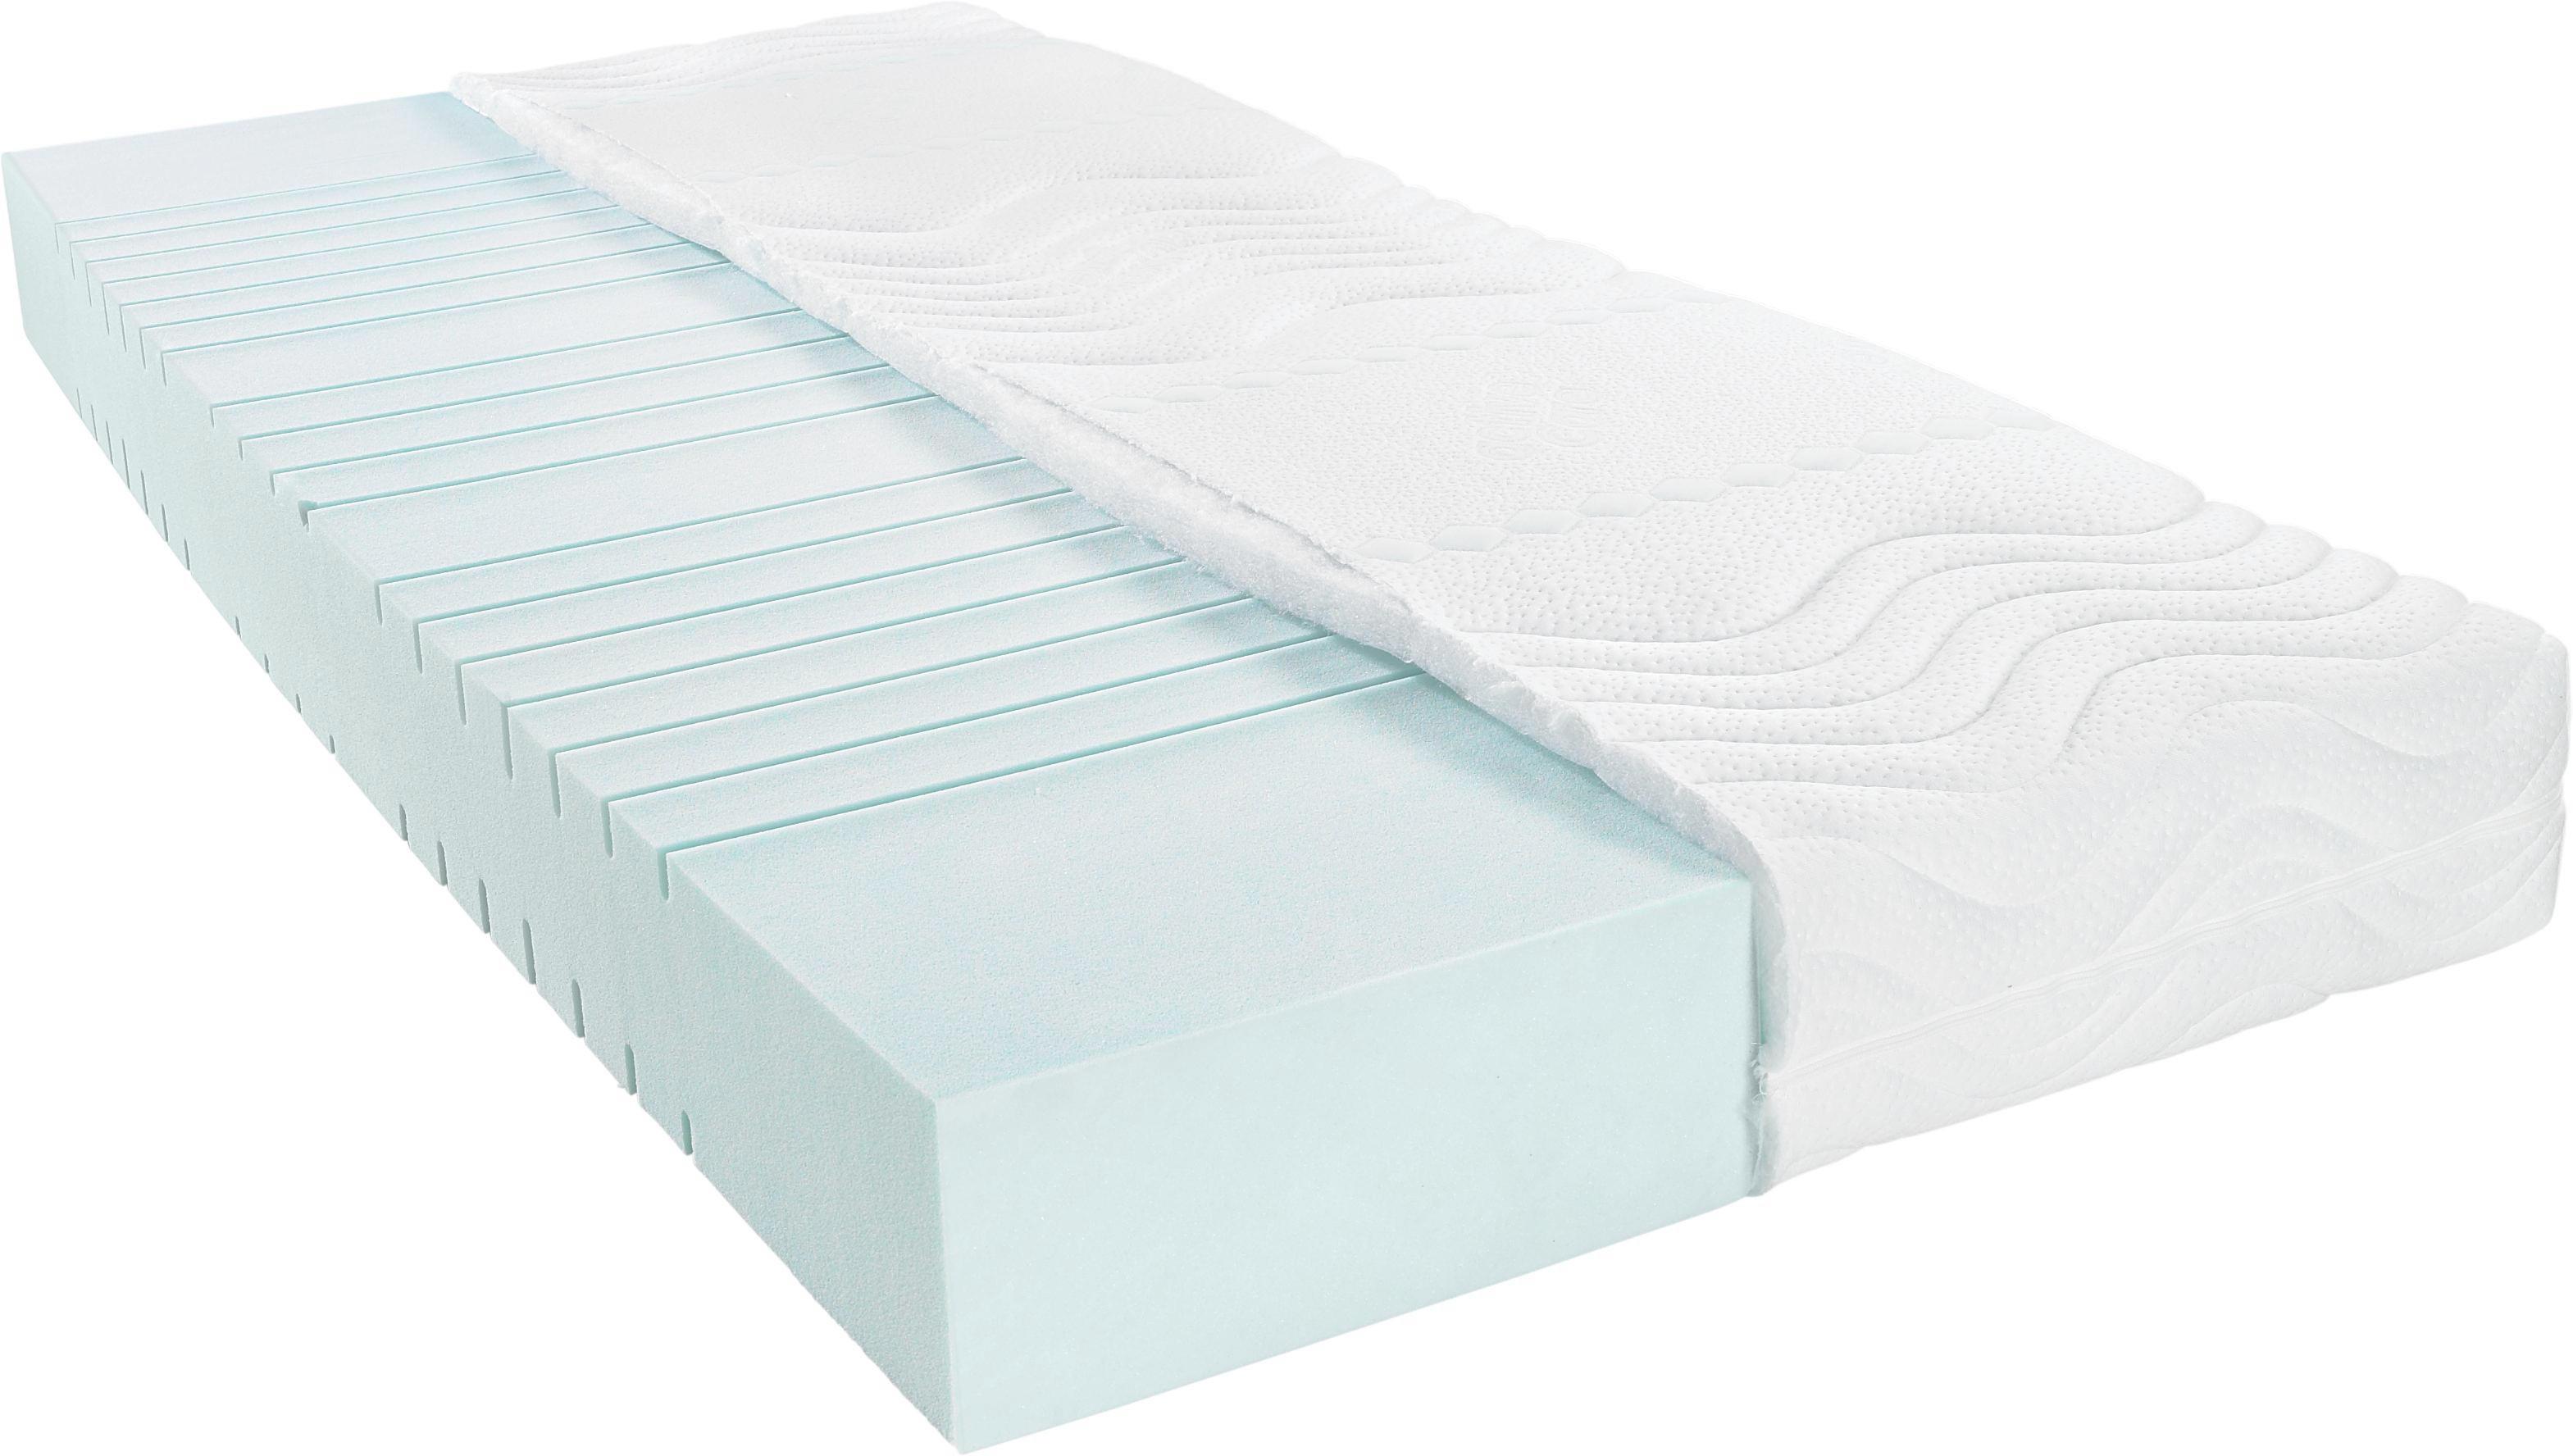 Bultexkern MATRATZE 90/200 Cm   Weiß, Basics, Textil (90/200cm